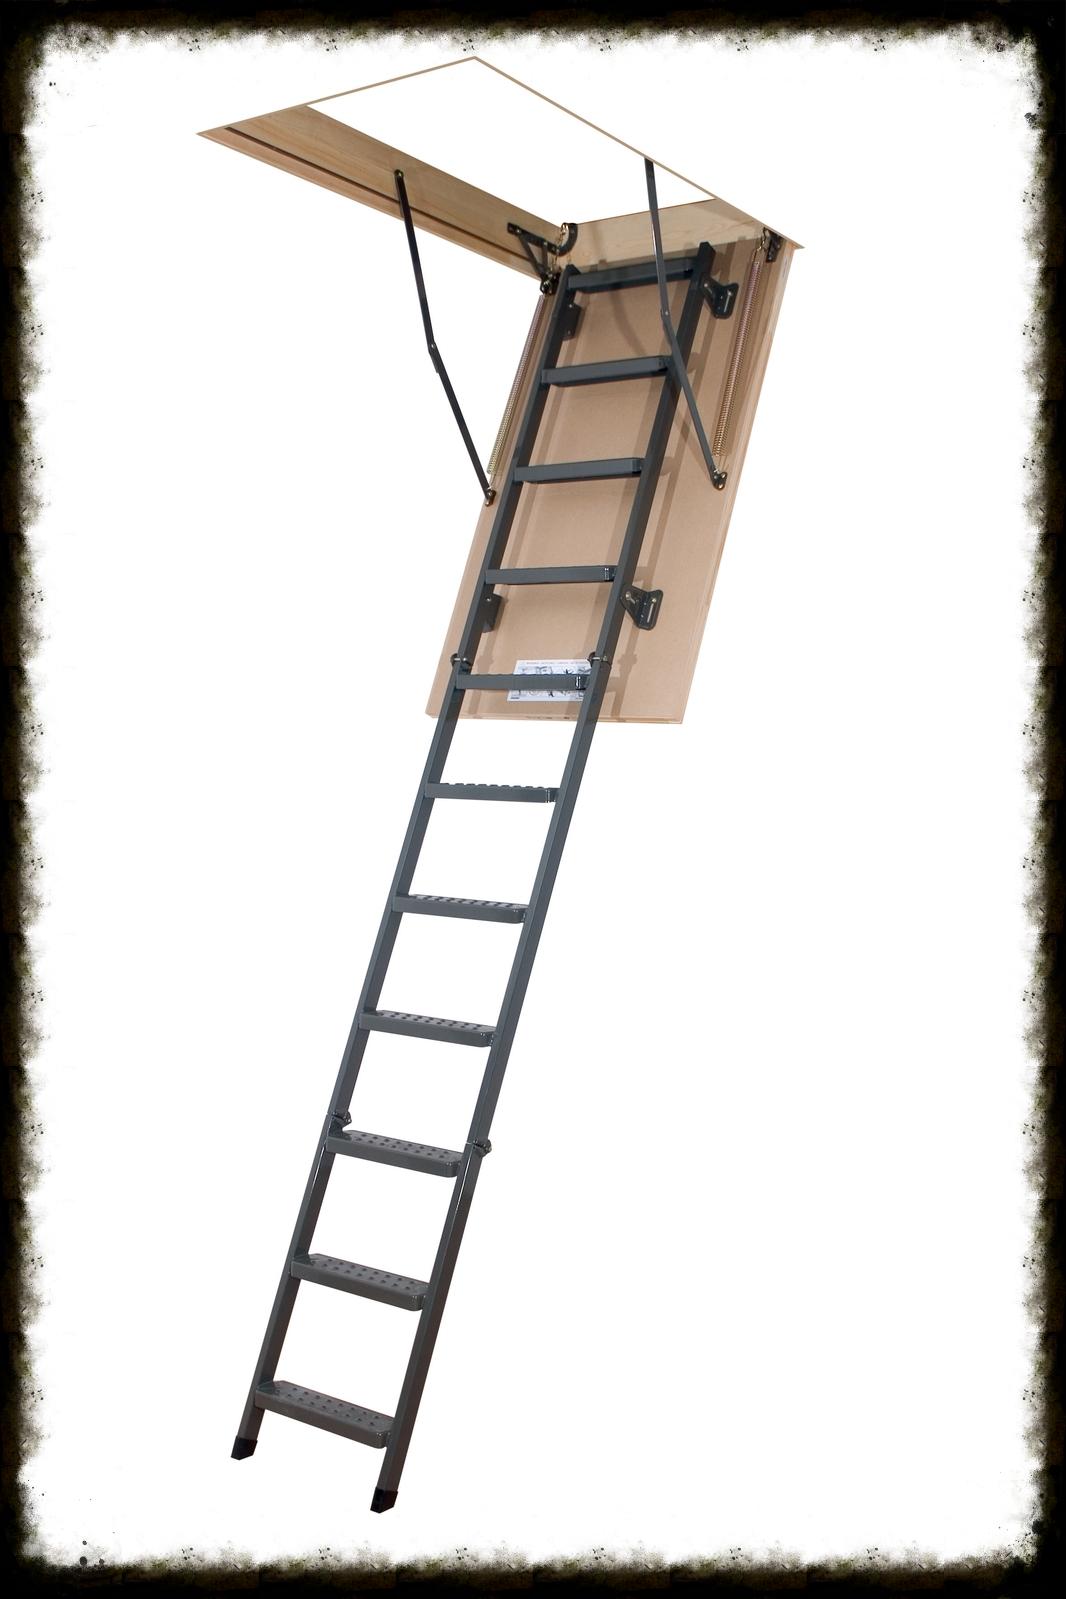 Металлические лестницы LMS (-P, -L)Металлические лестницы обладают рядом отличительных особенностей:Выдерживает повышенную нагрузку до 200 кг, а это значит, что вы можете безопасно подниматься на чердак вместе с вещами.Утепленная крышка люка препятствует проникновению холодного воздуха в жилые помещения.Теплоизоляционная крышка выполнена из светлого ДВП, благодаря чему она гармонично сочетается с потолком.Специальные противоскользящие выемки на ступенях обеспечат безопасный доступ на чердак.Гарантия 3 года.